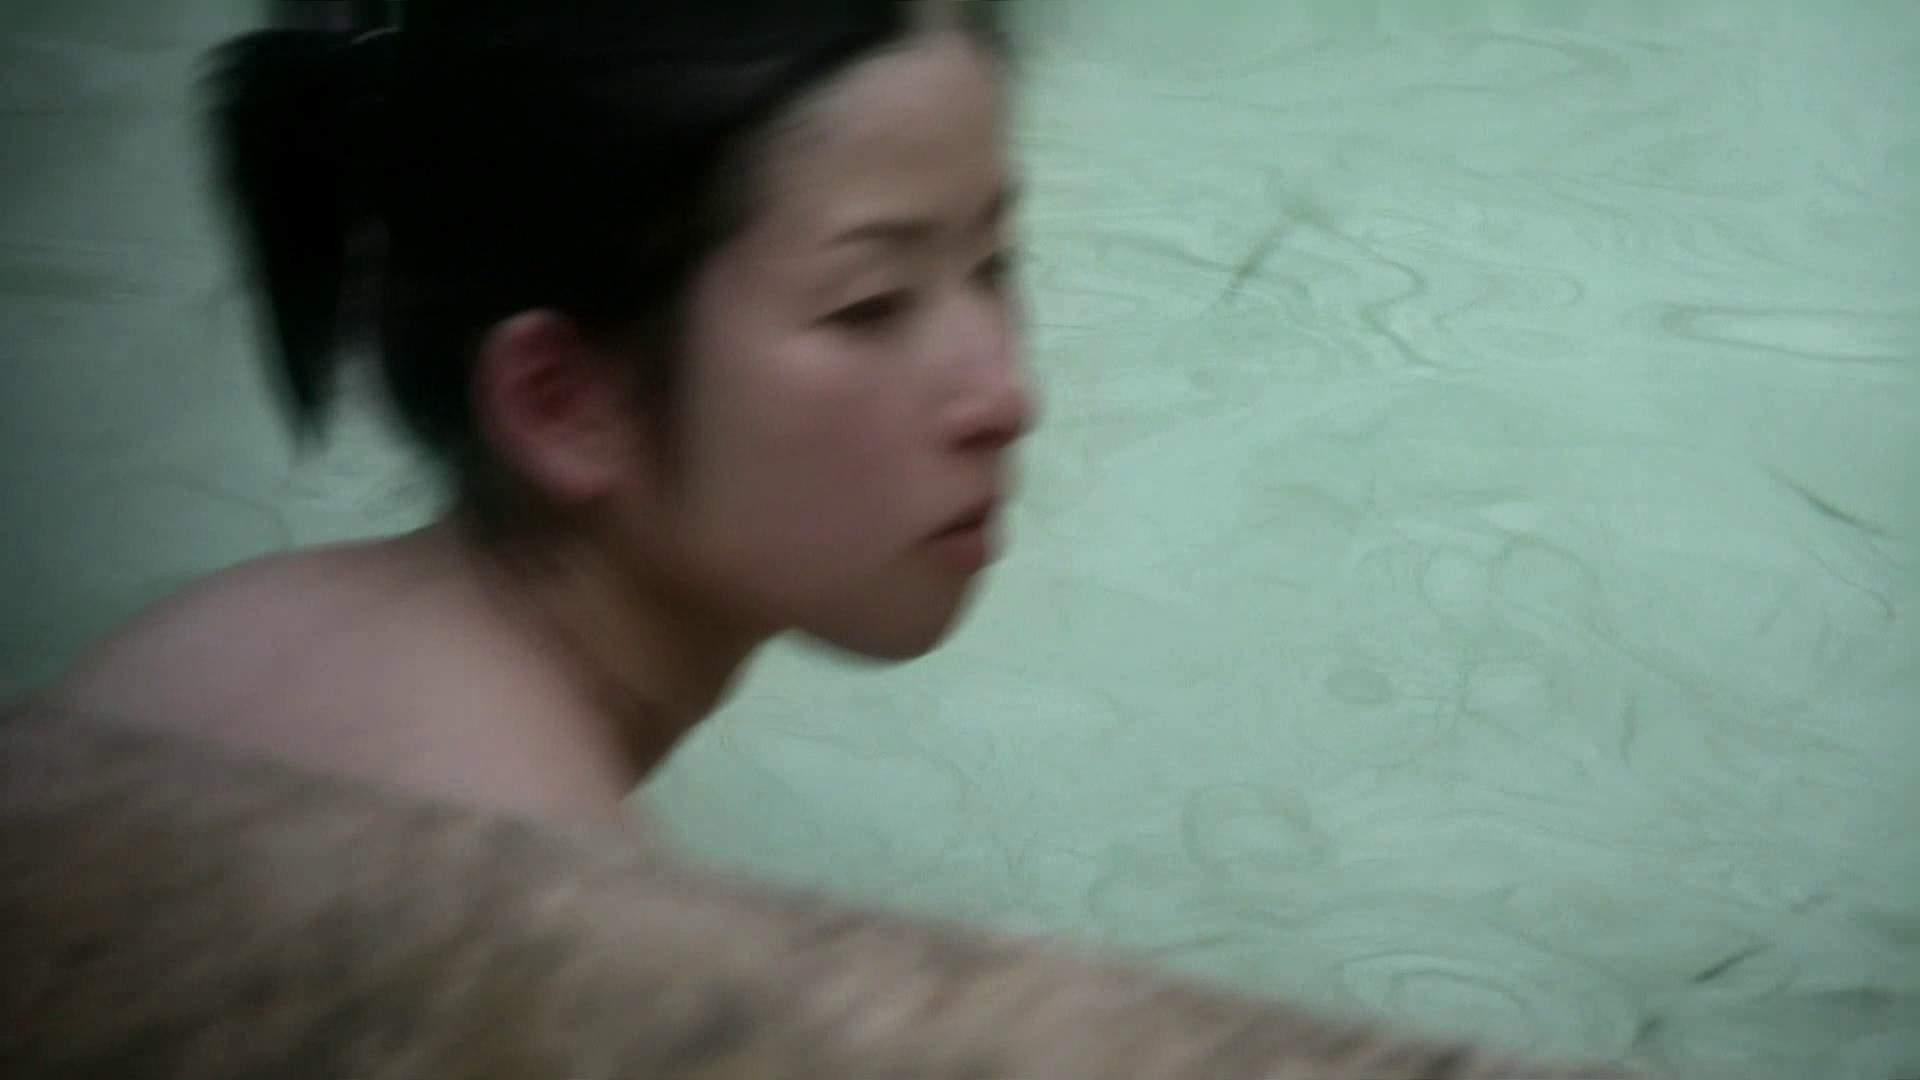 Aquaな露天風呂Vol.656 OL  49pic 18